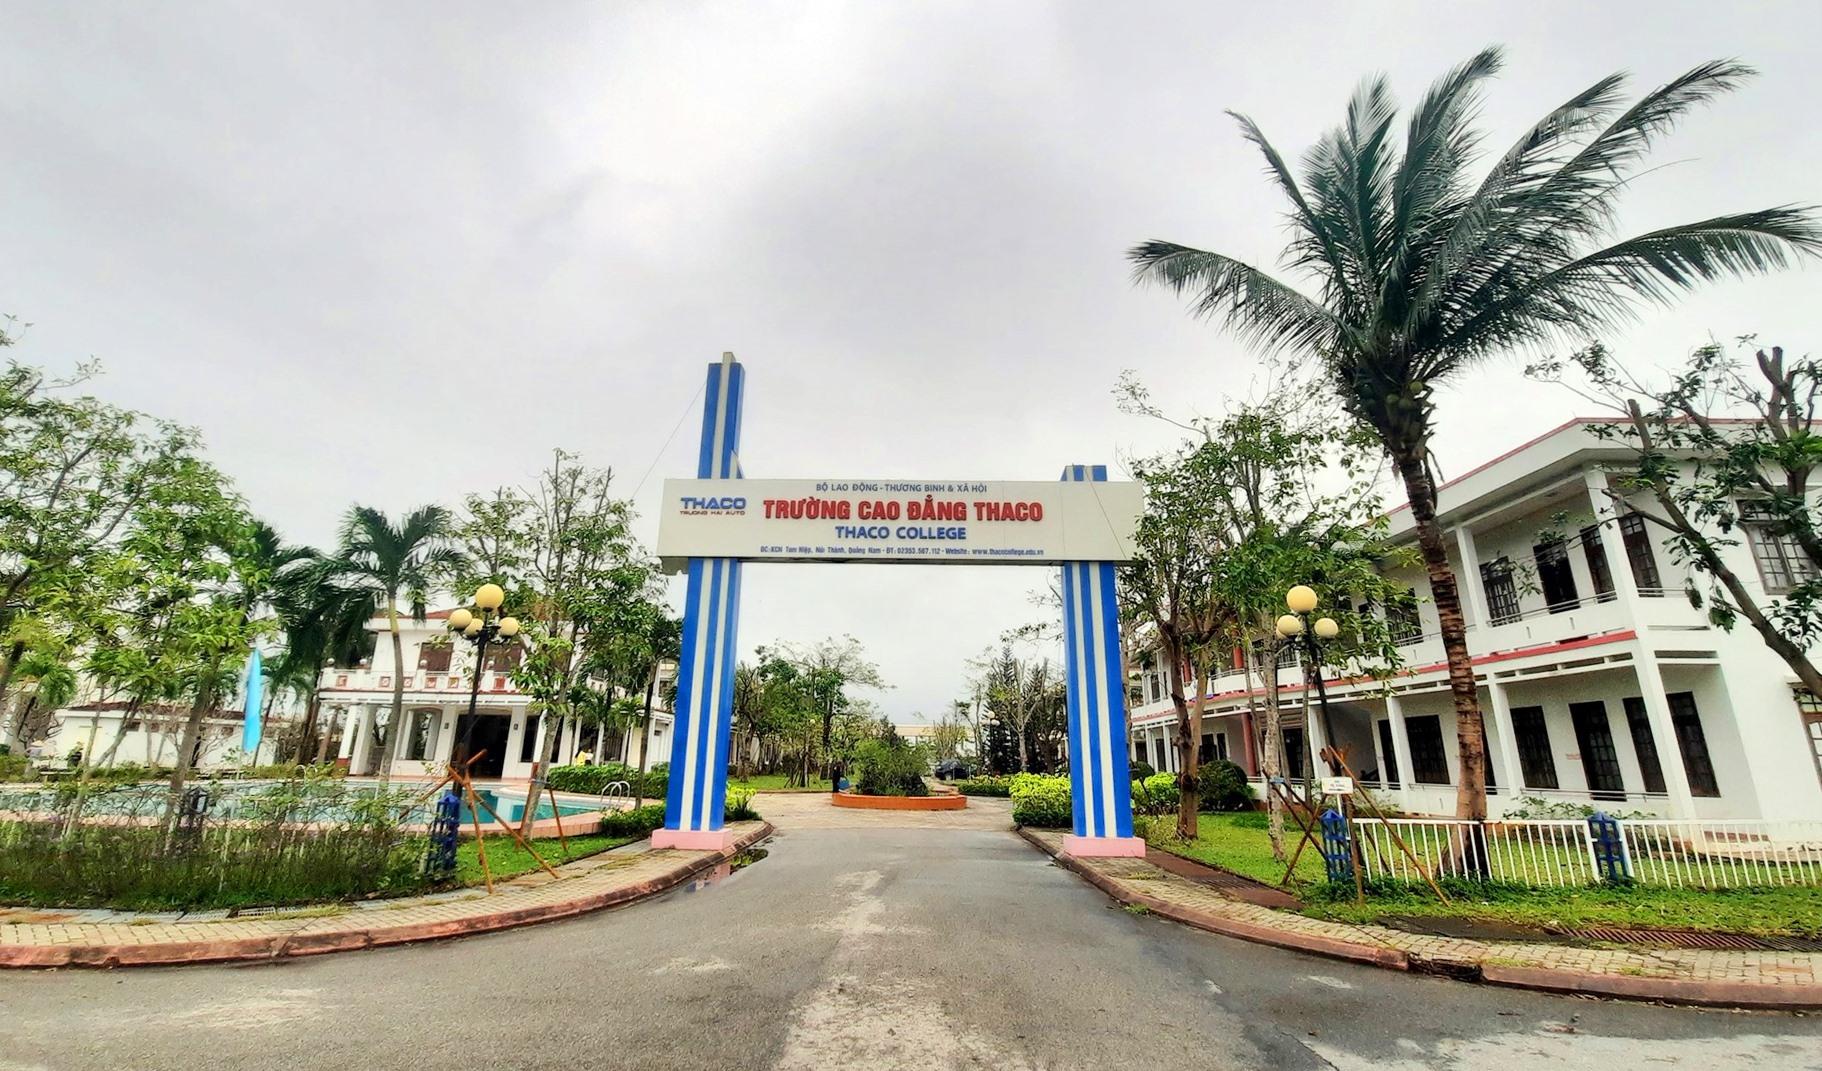 Năm học 2020 - 2021, Trường Cao đẳng Thaco tuyển sinh hơn 300 học sinh, sinh viên. Ảnh: Đ.ĐẠO